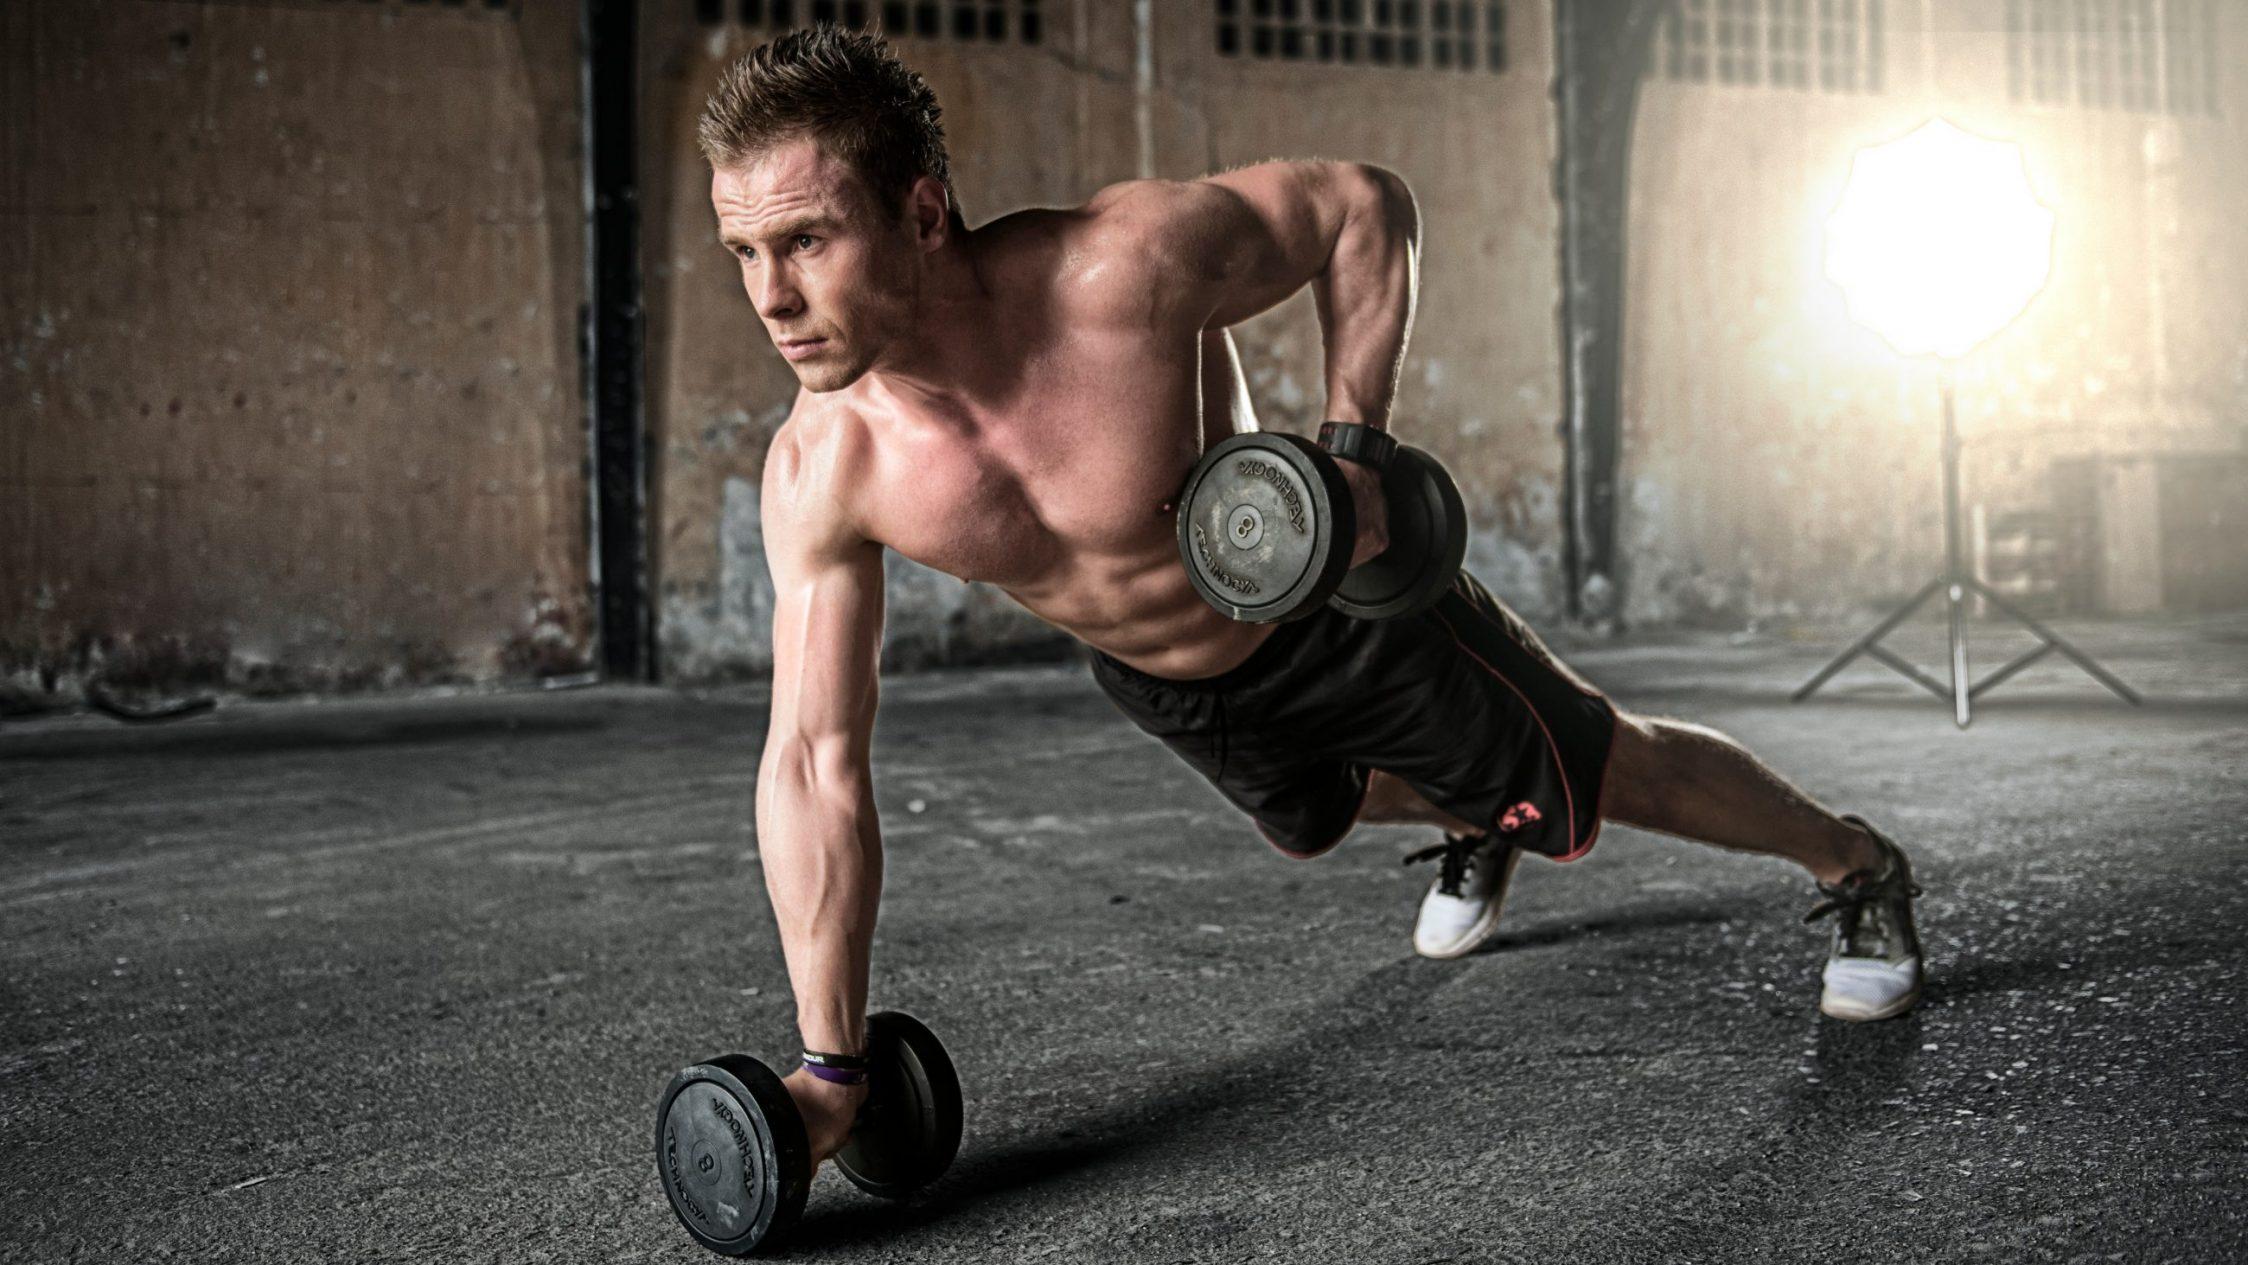 bbqf8j1xb6u han vi ph m th - Fitness & gym marketing